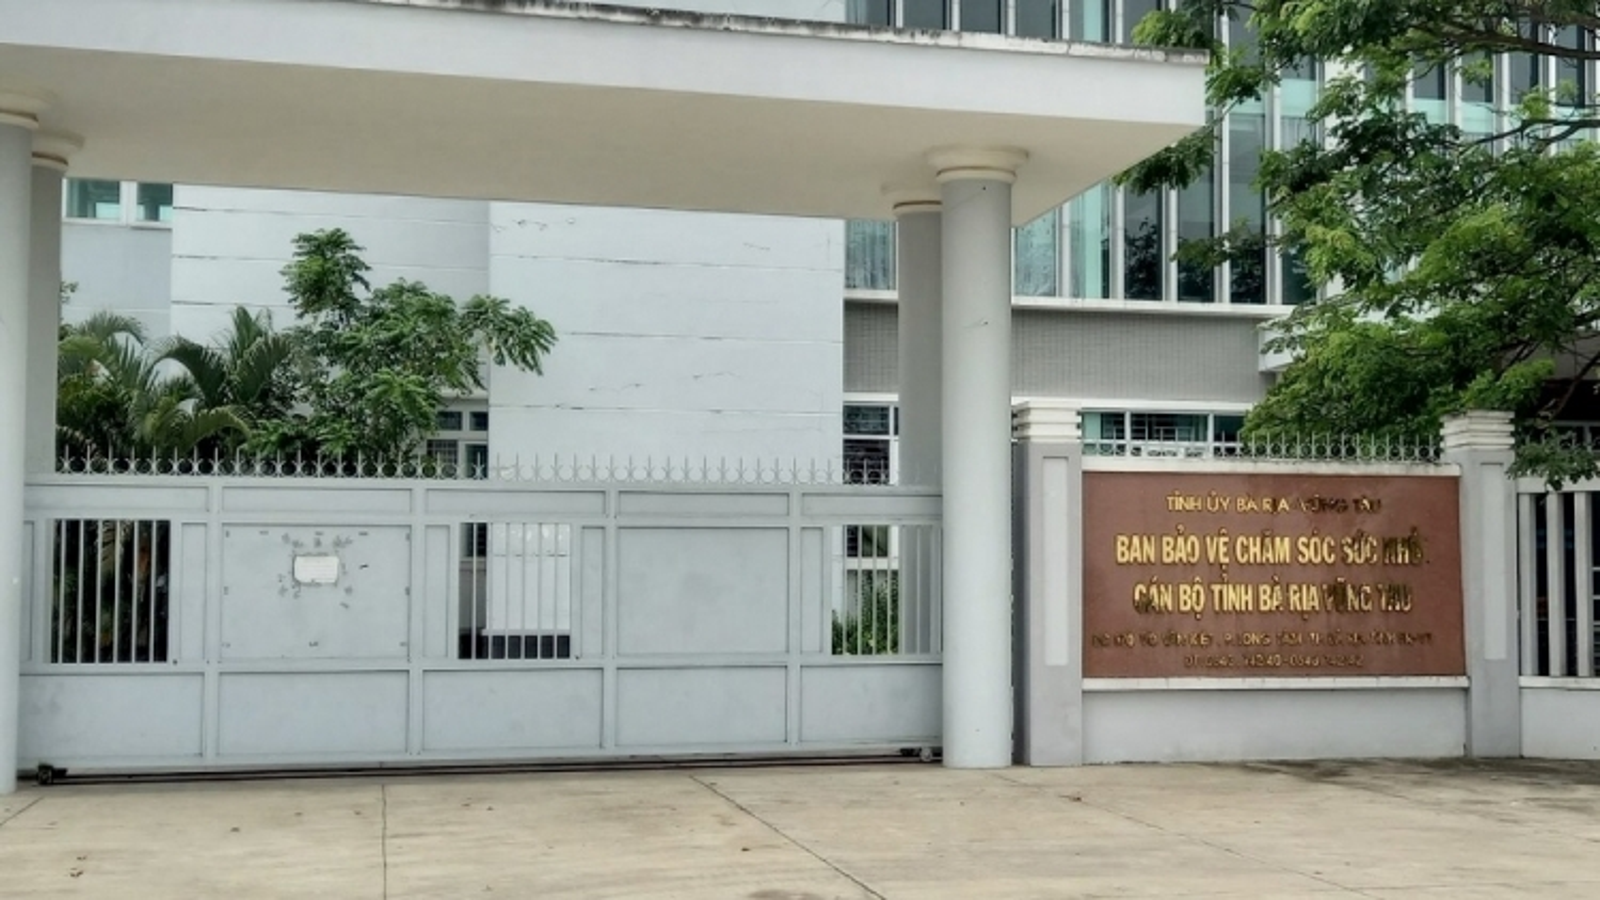 Bà Rịa-Vũng Tàu thông tin vụ bác sĩ hỗ trợ chống COVID-19 nghi làm lây lan dịch bệnh